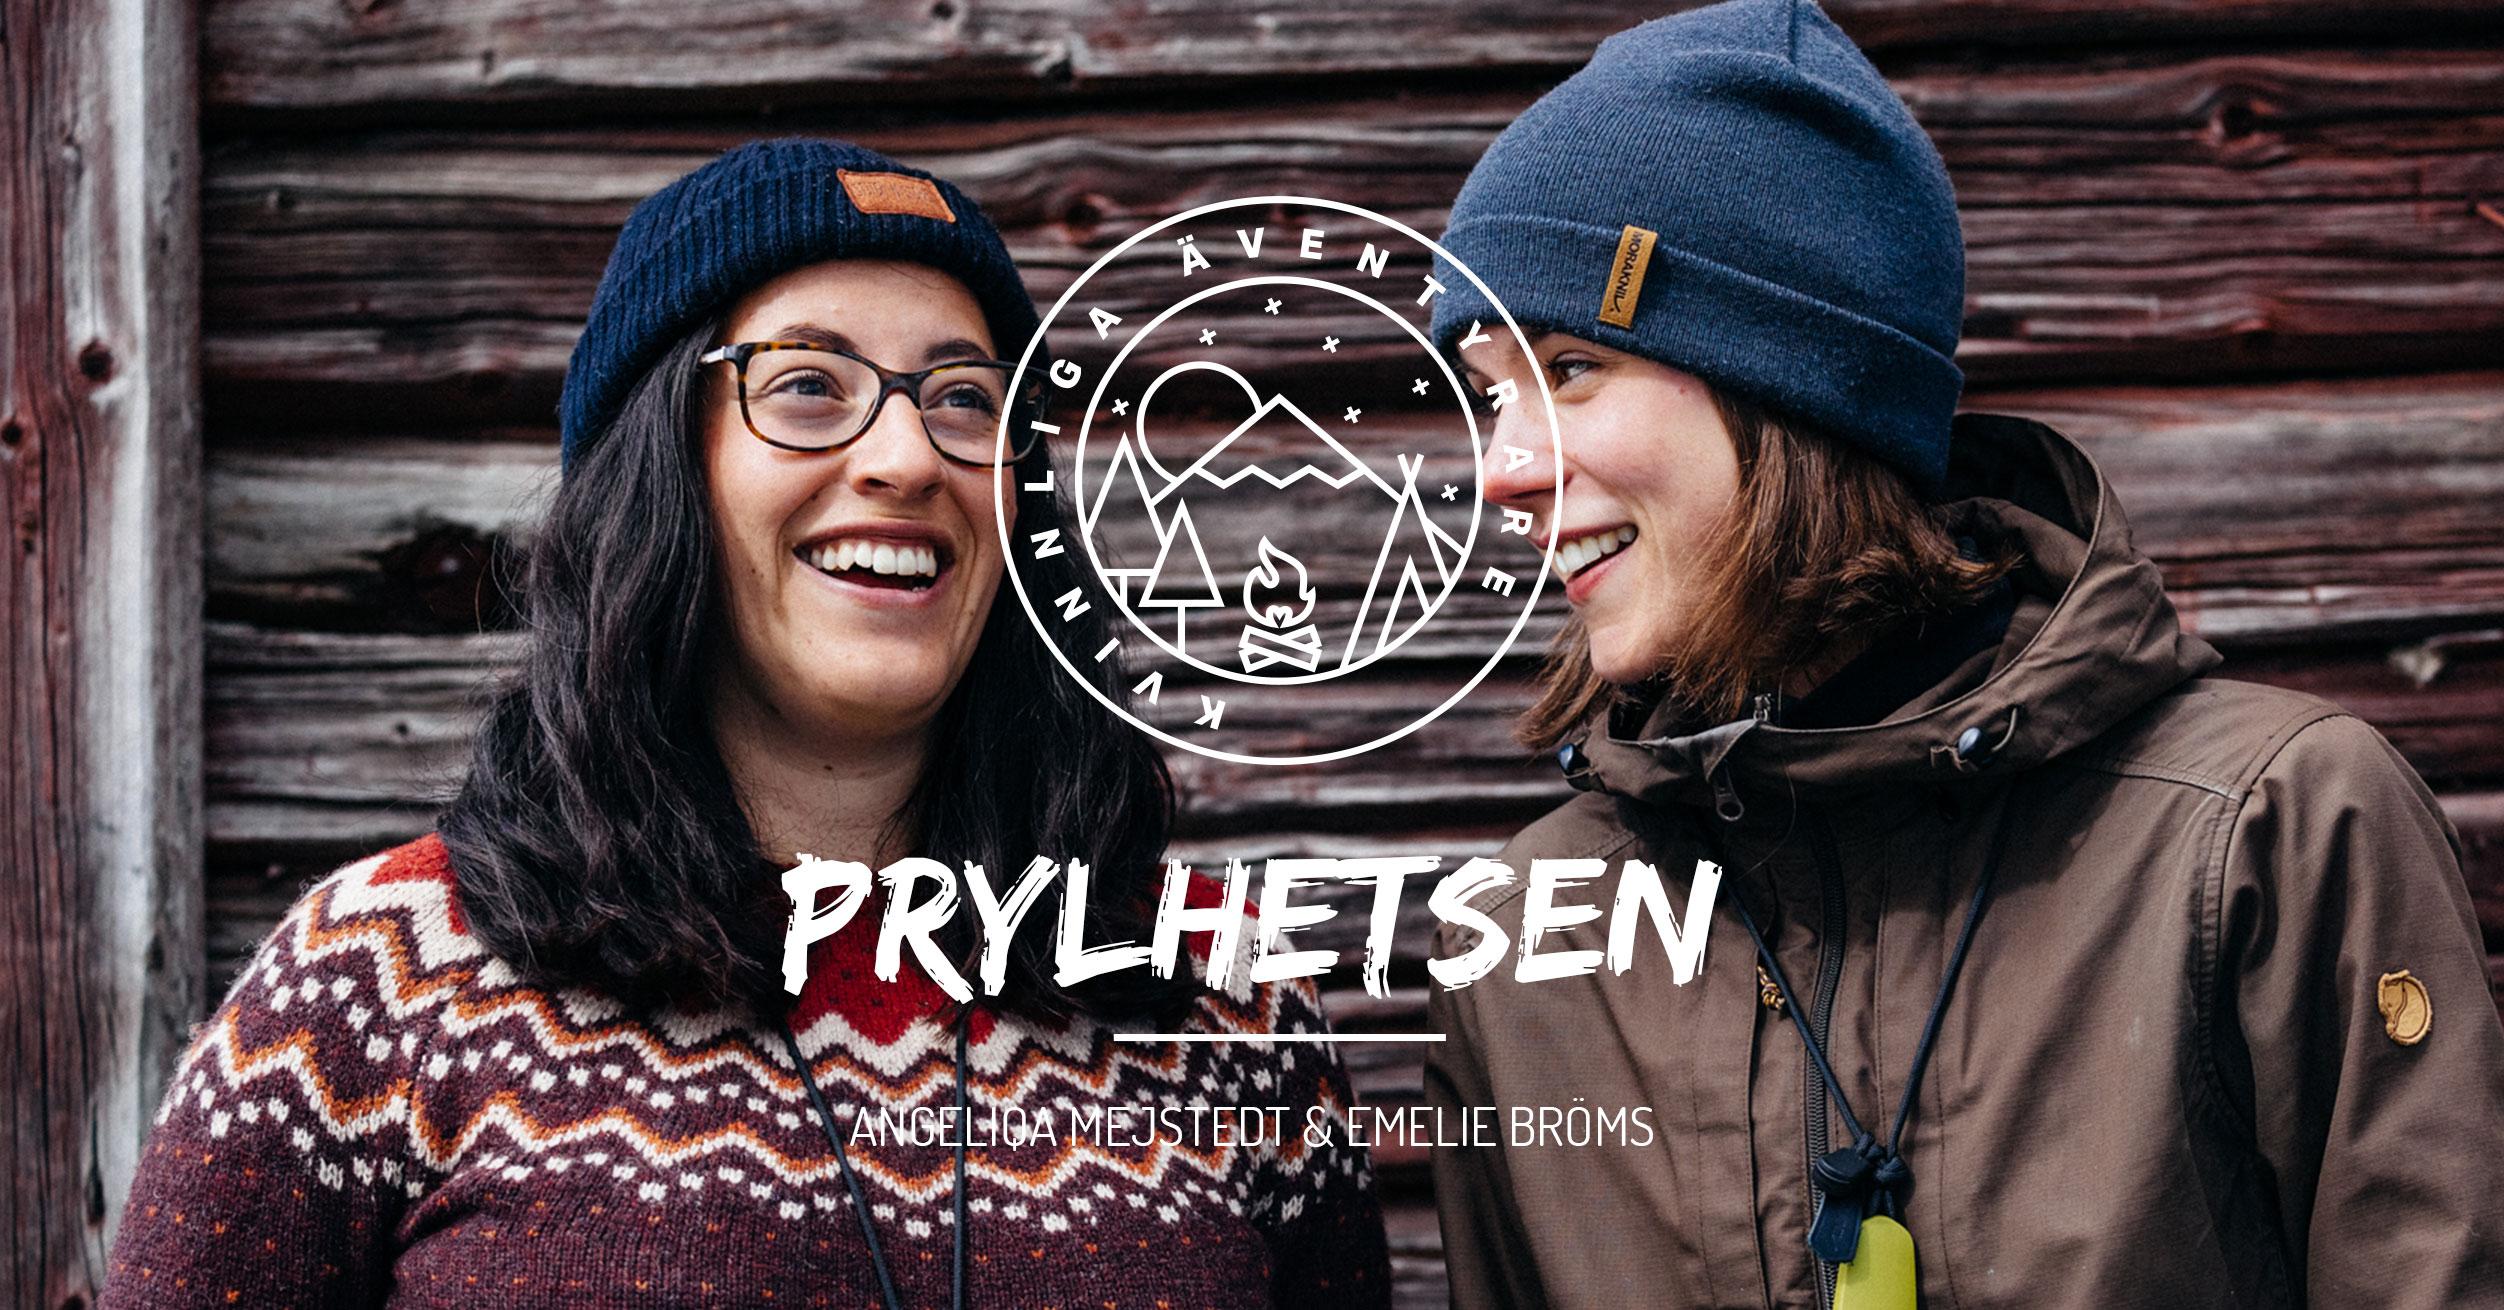 06-Prylhetsen-Kvinnliga-Äventyrare-Podcast-FB